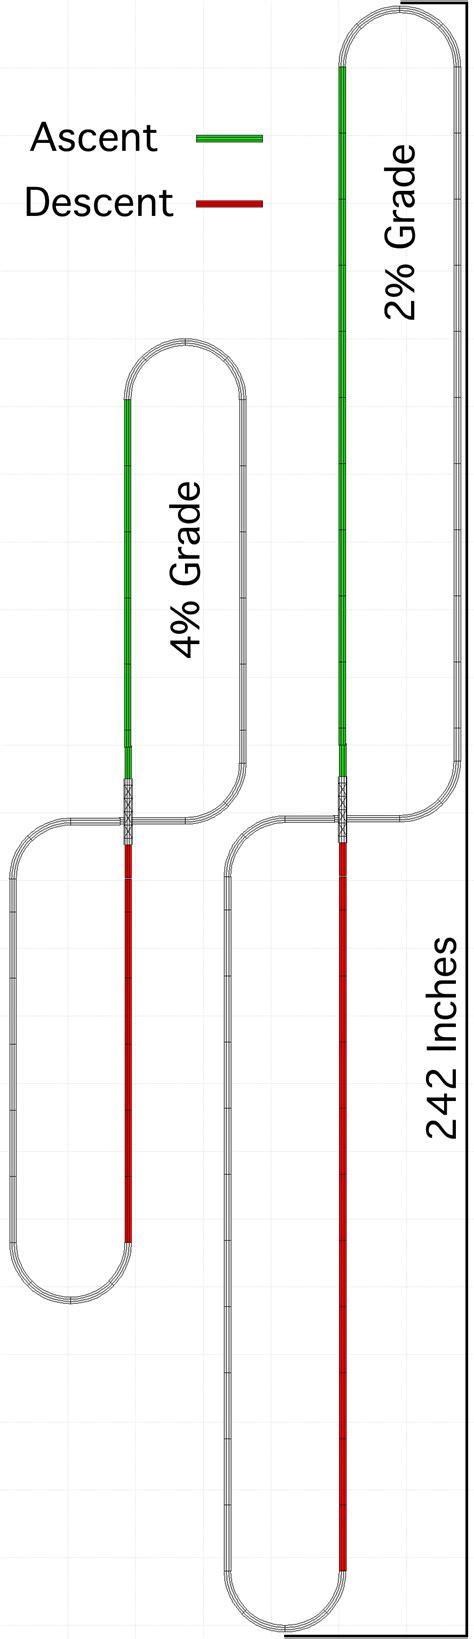 model train track grades maximum grade issues